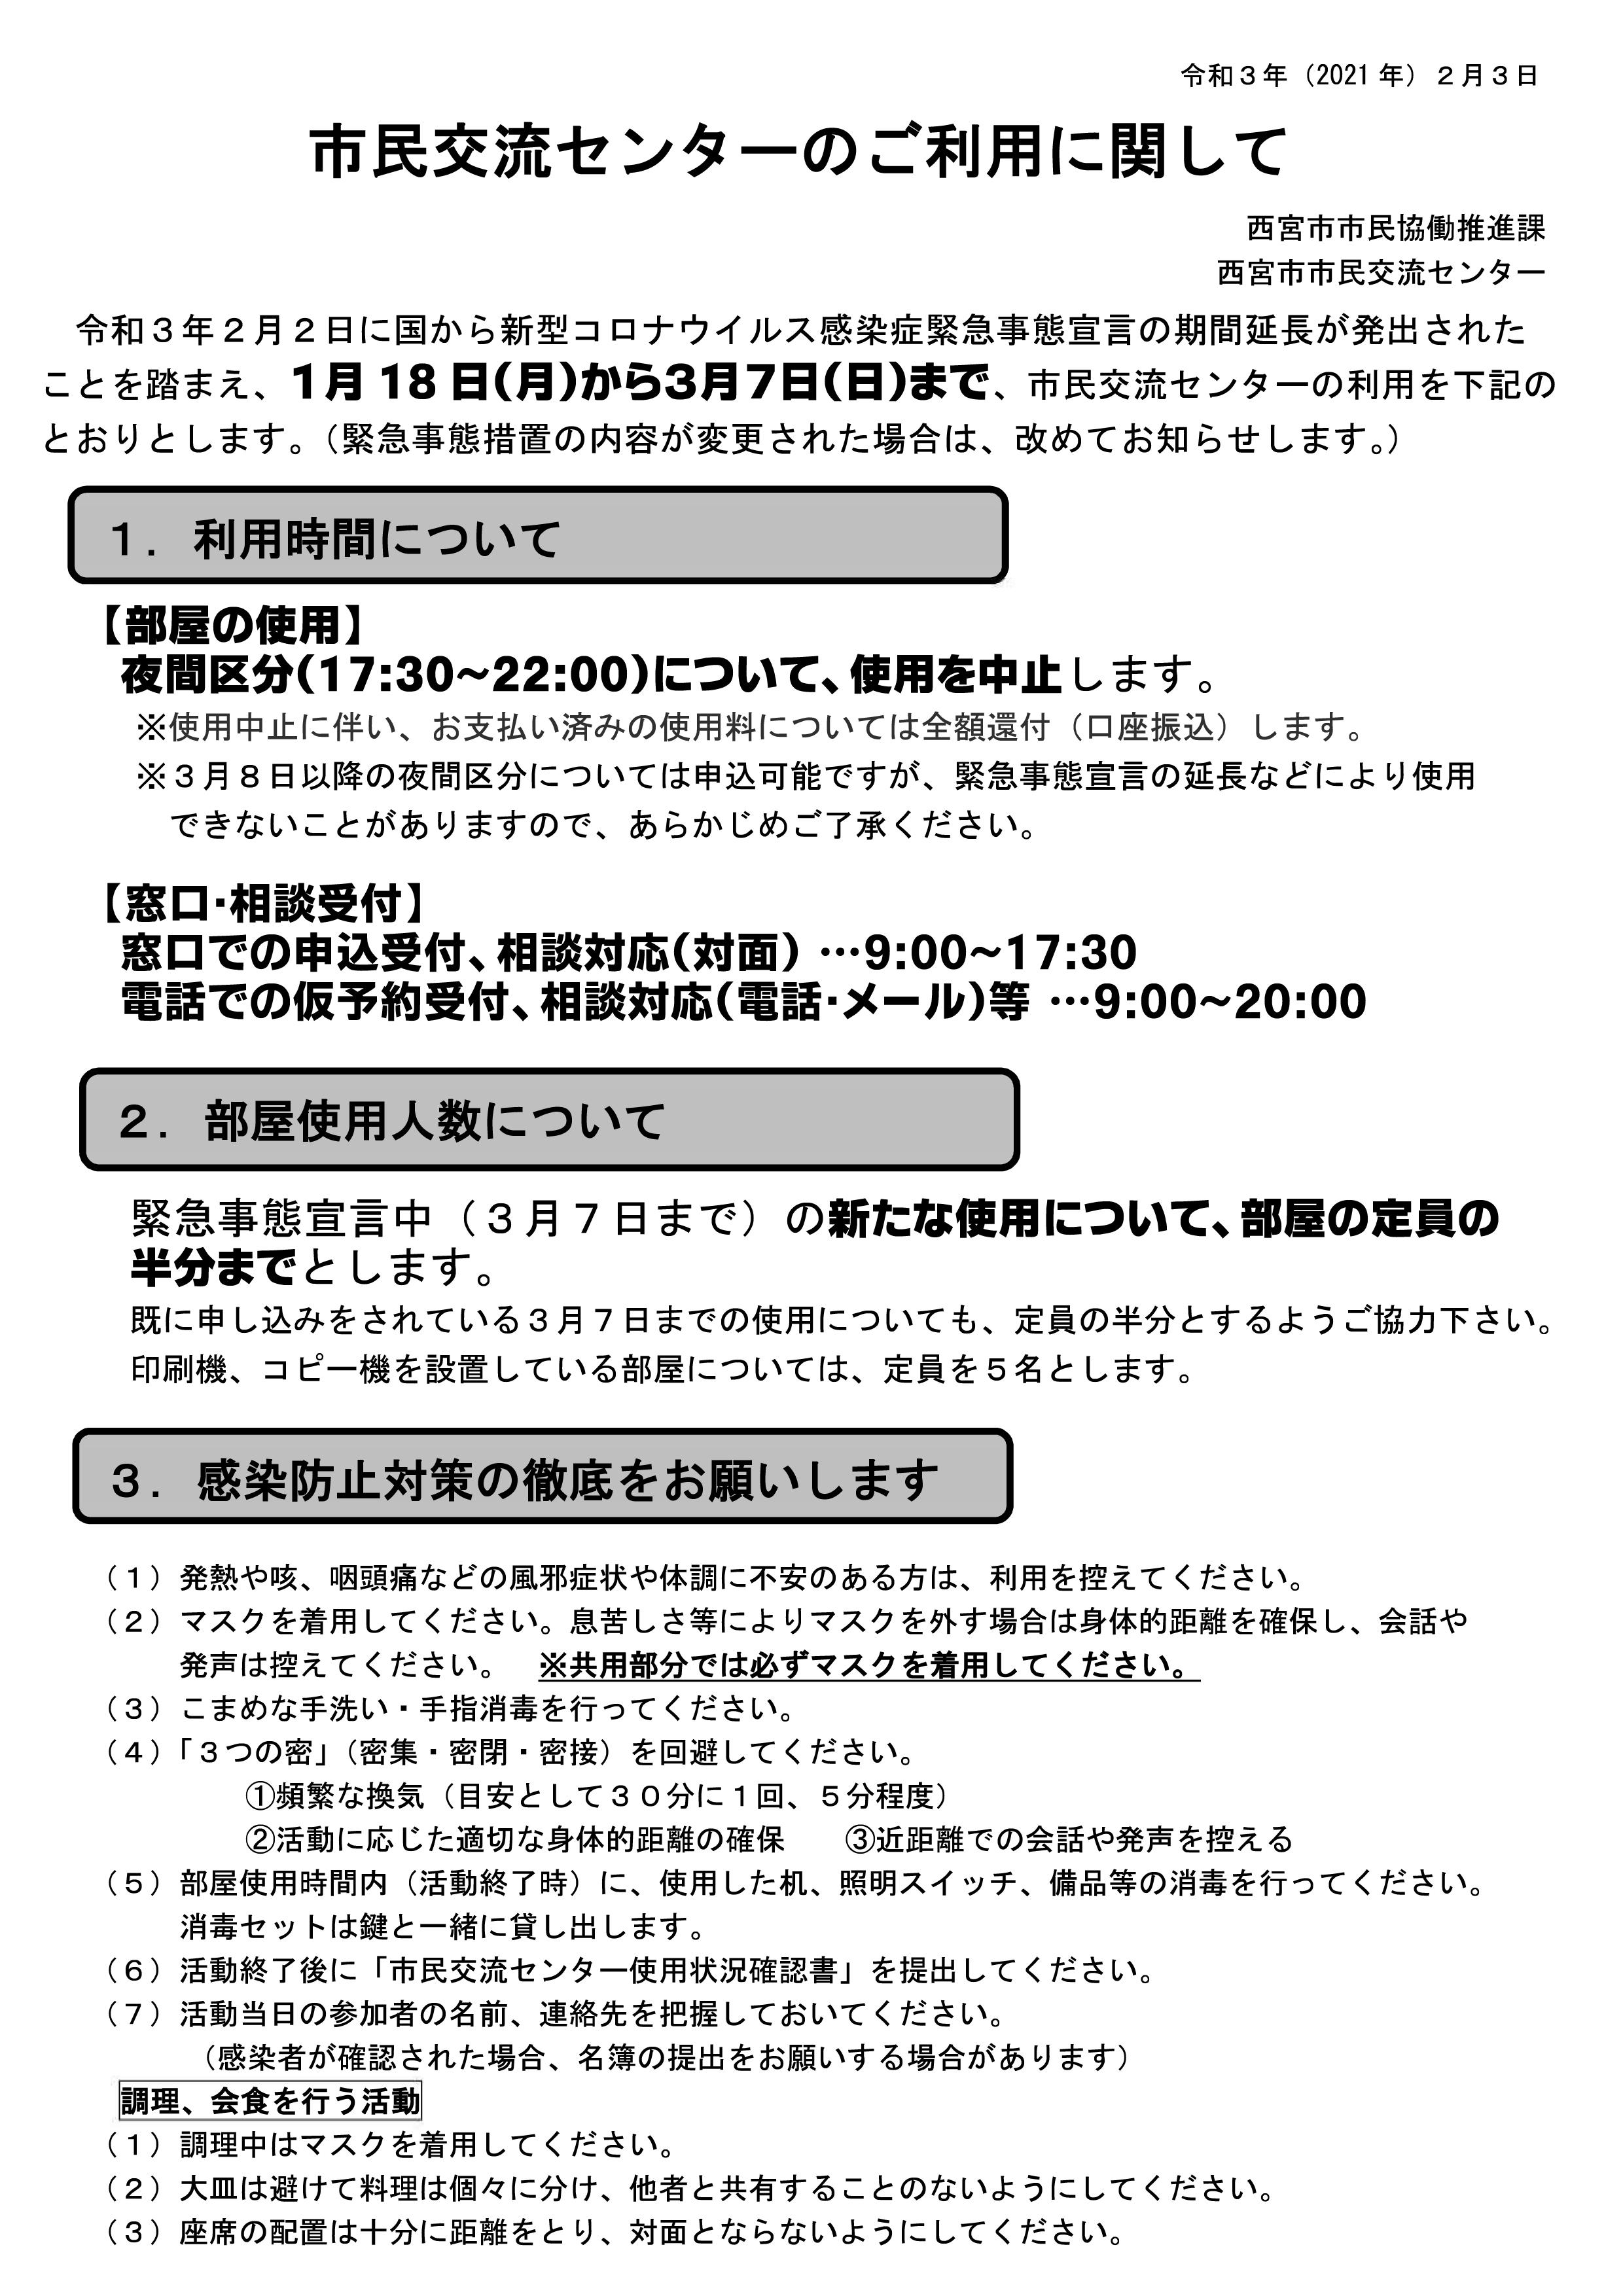 【団体向け案内】利用時間・人数制限(延長)